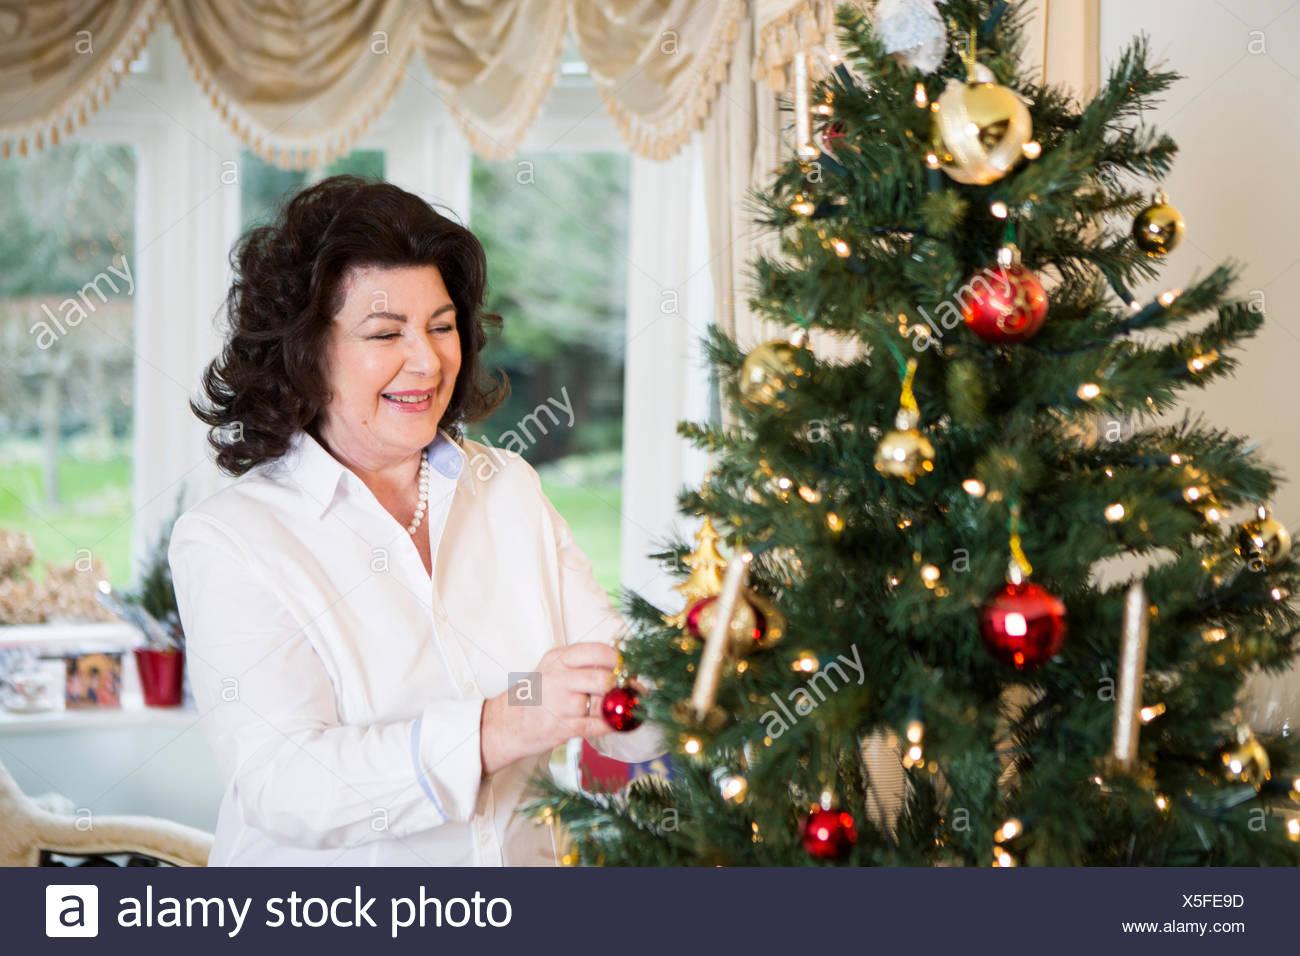 Senior woman decorating Christmas tree - Stock Image